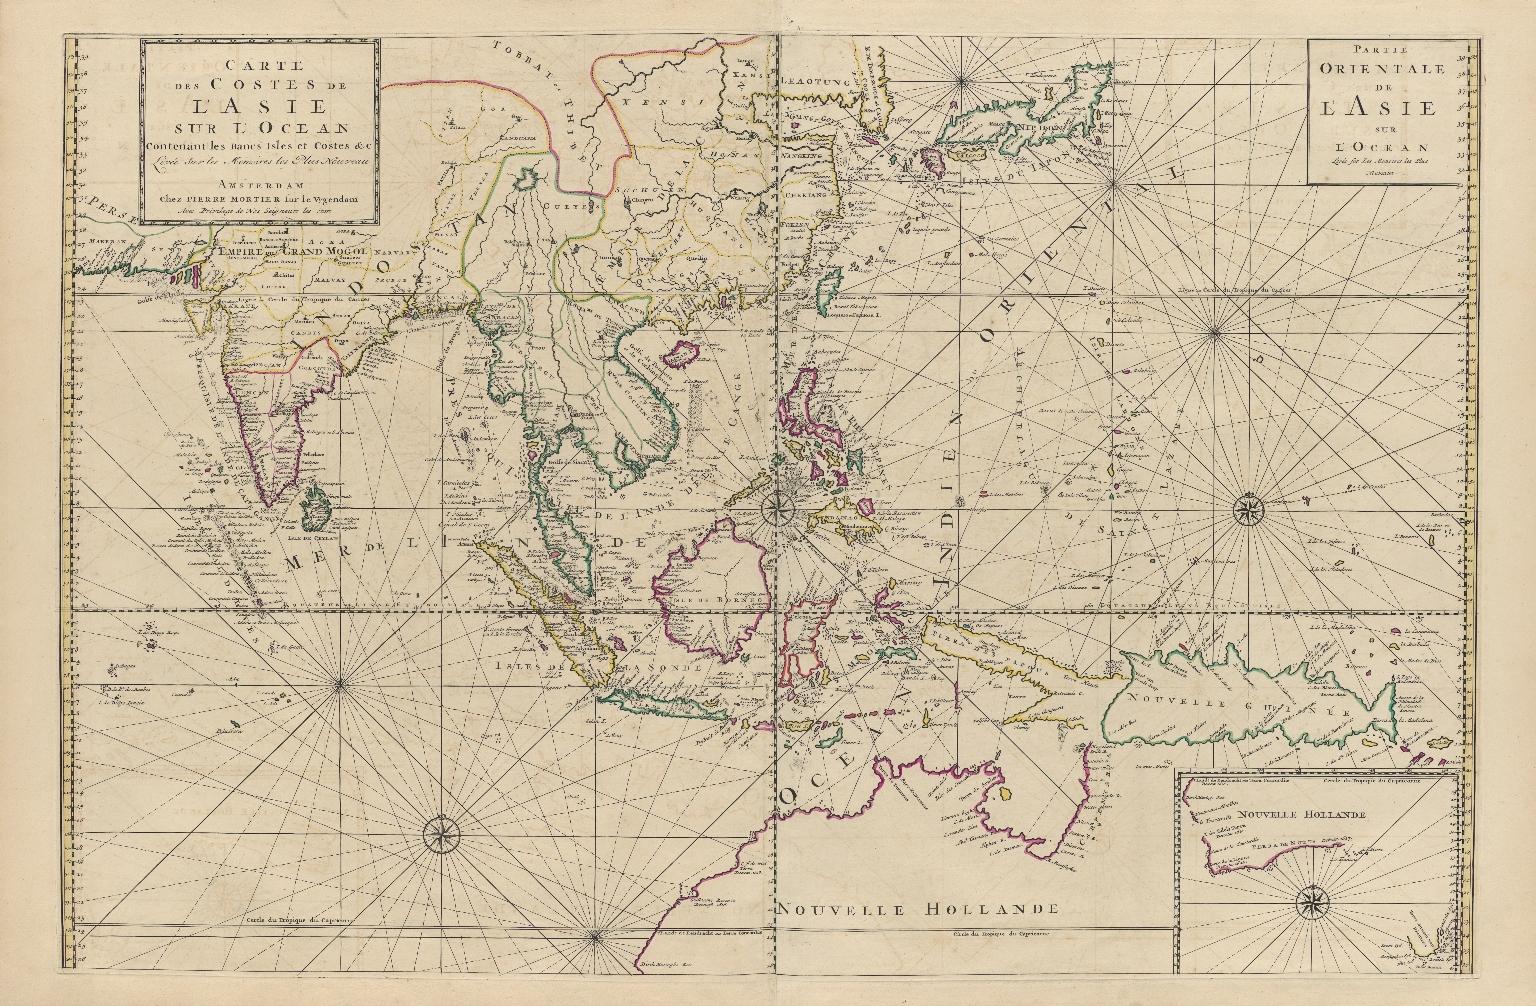 Carte des costes de l'Asie sur l'Ocean : contenant les bancs isles et costes & c, levee sur les memoires les plus nouveau